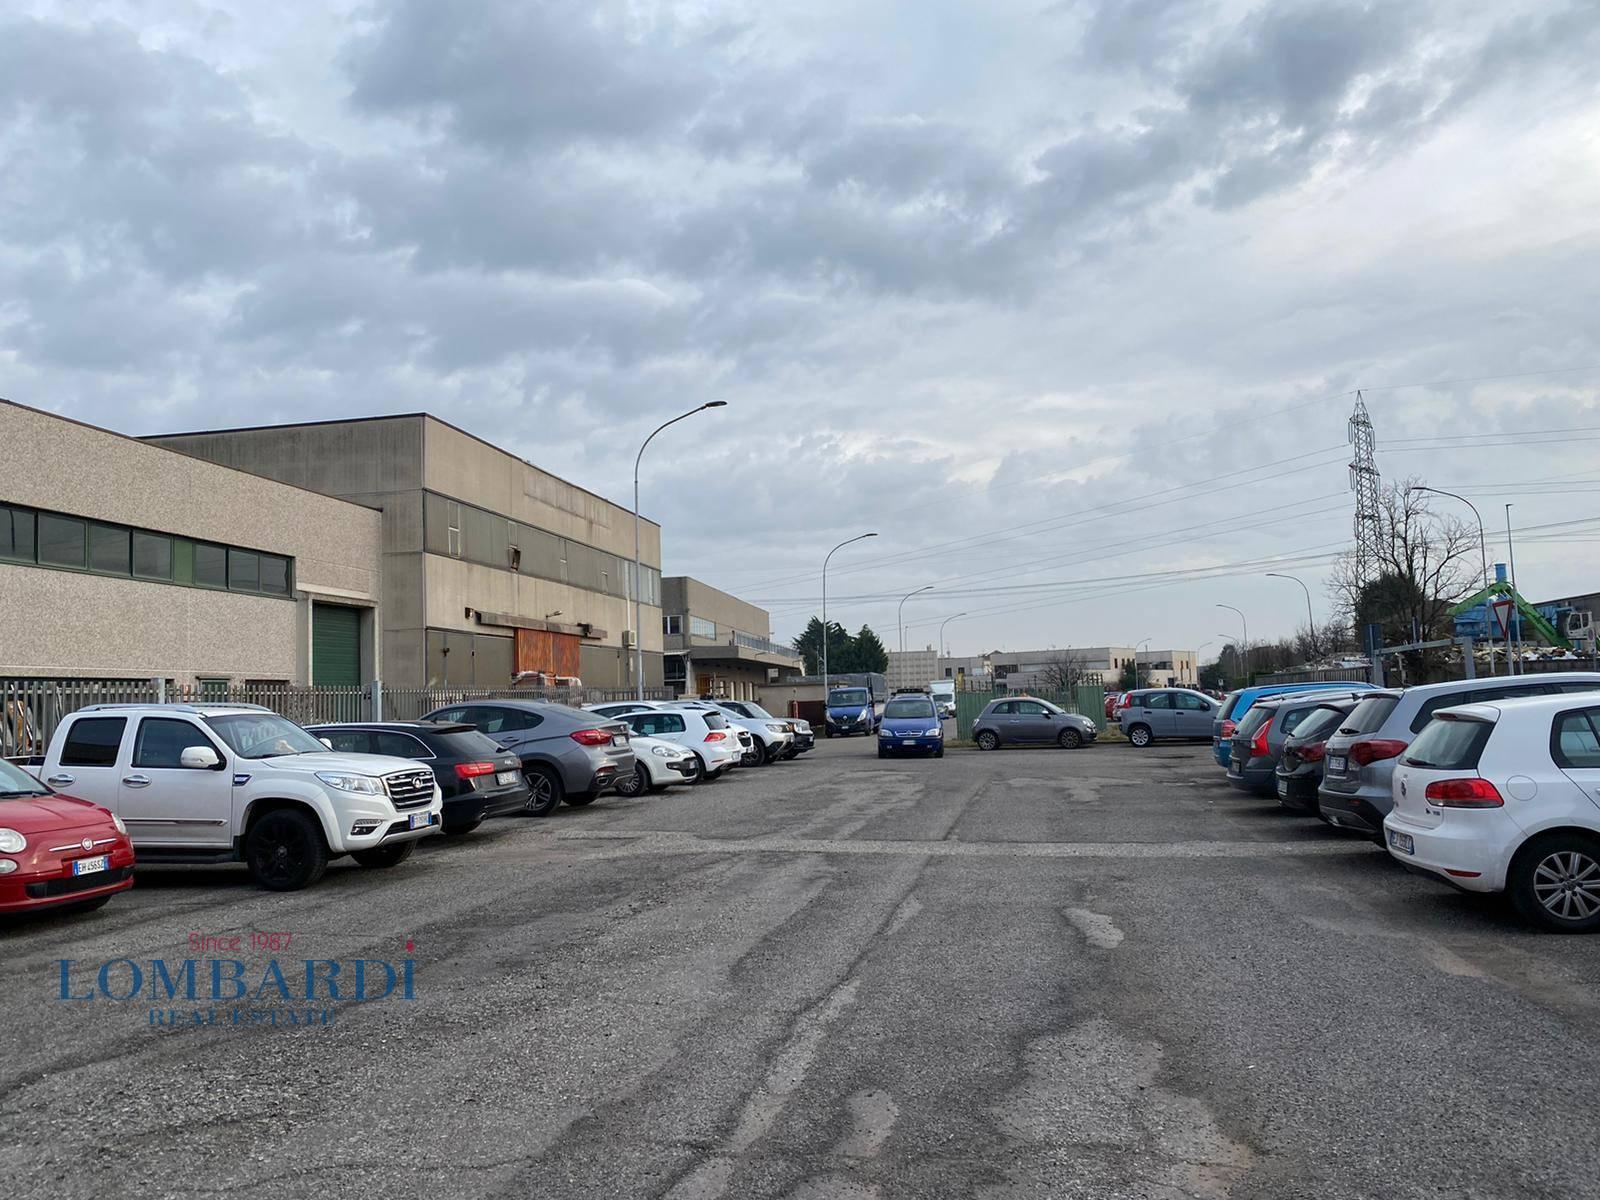 Negozio / Locale in vendita a Bussero, 9999 locali, prezzo € 690.000   CambioCasa.it